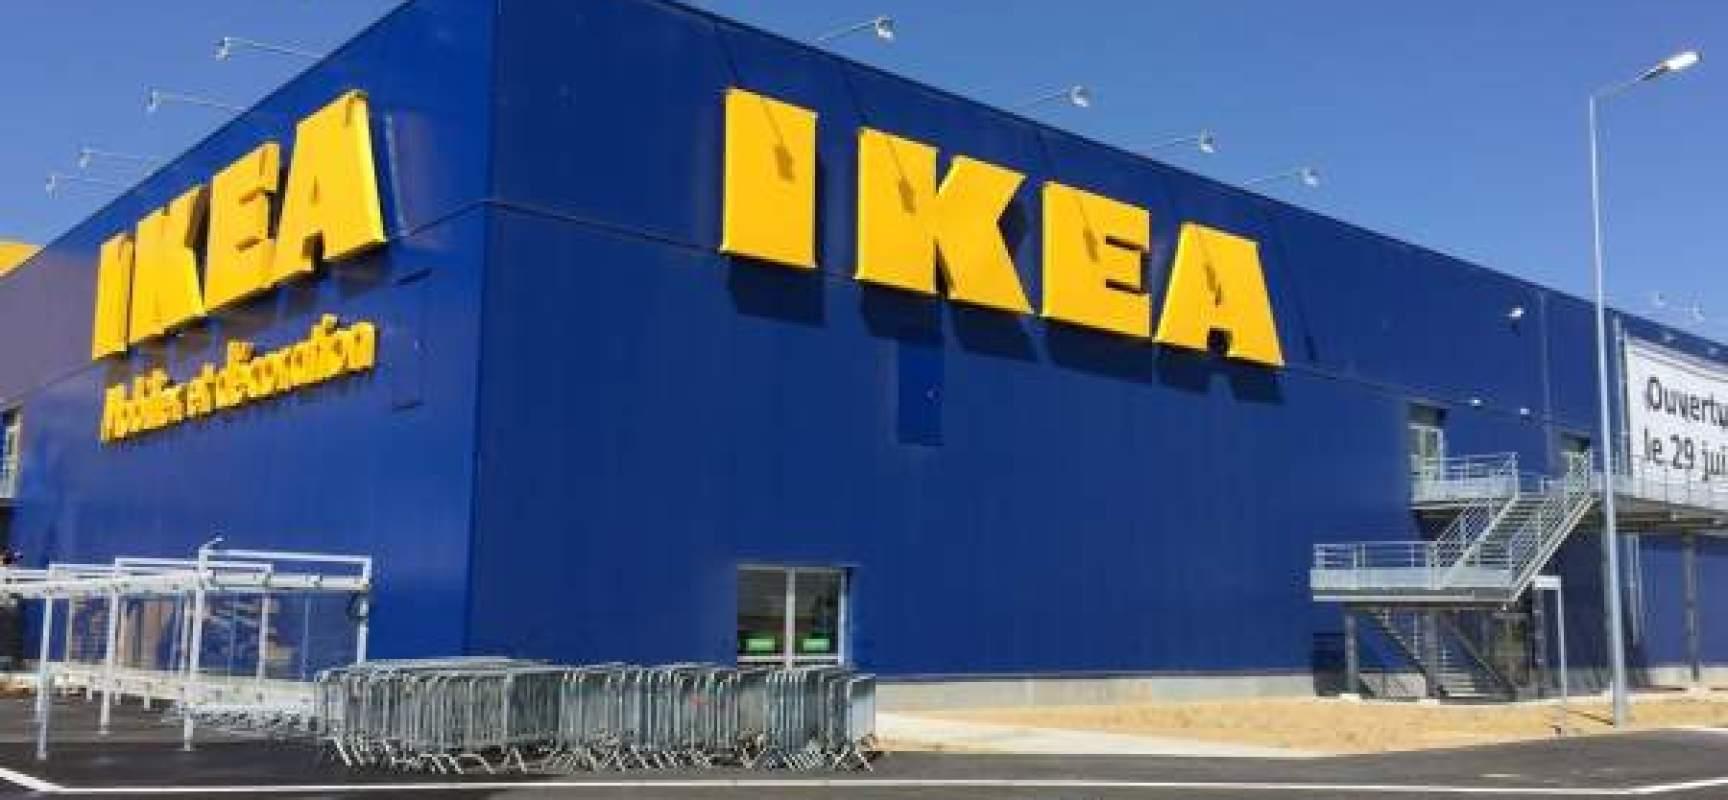 Ikea richiama i cancelletti patrull rischio caduta dalle - Cancelletti per bambini ikea ...